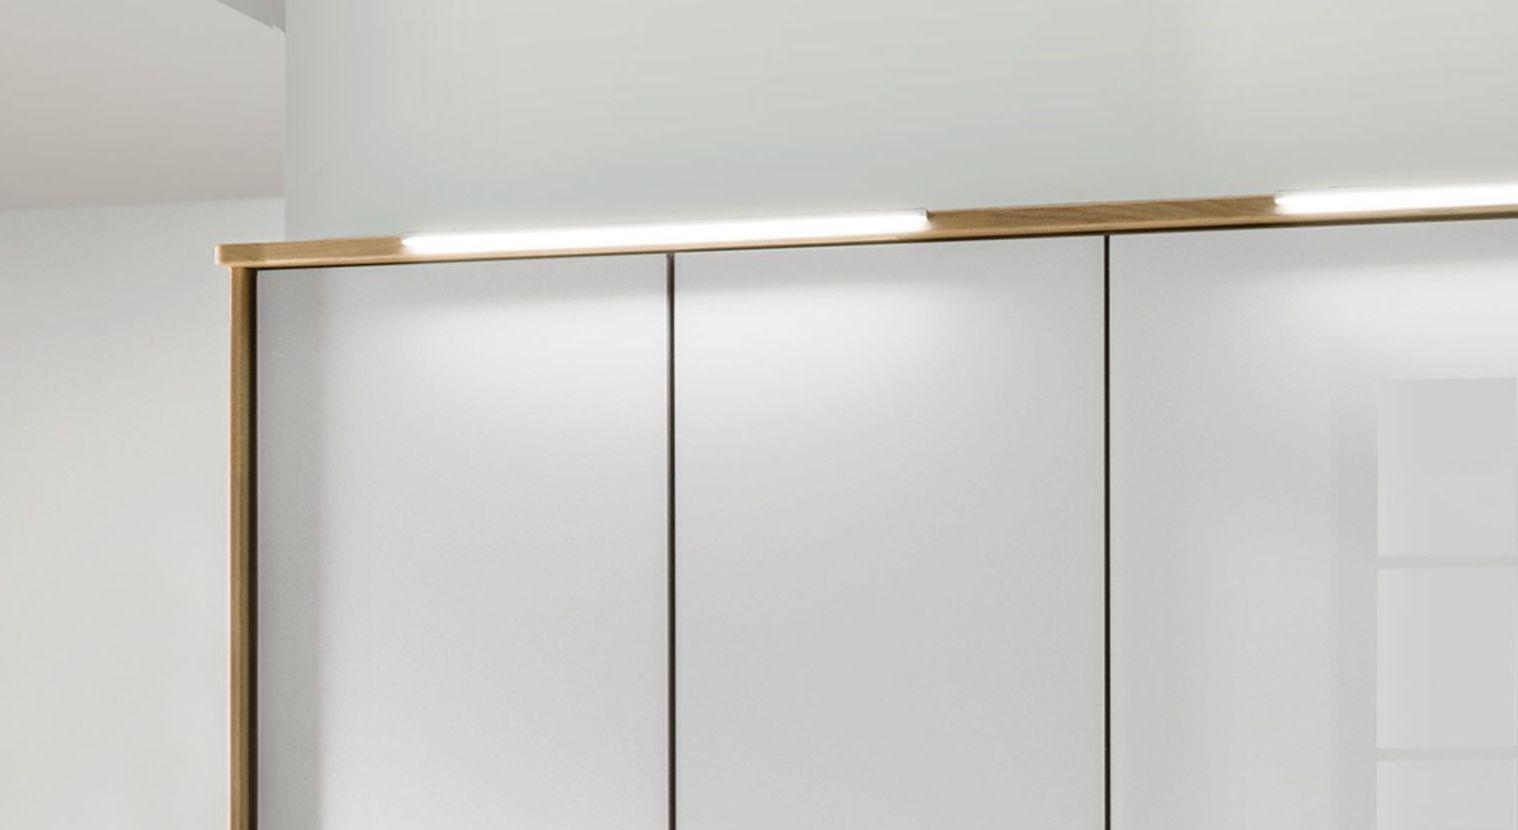 Drehtüren-Kleiderschrank Chipperfield mit sparsamer Beleuchtung